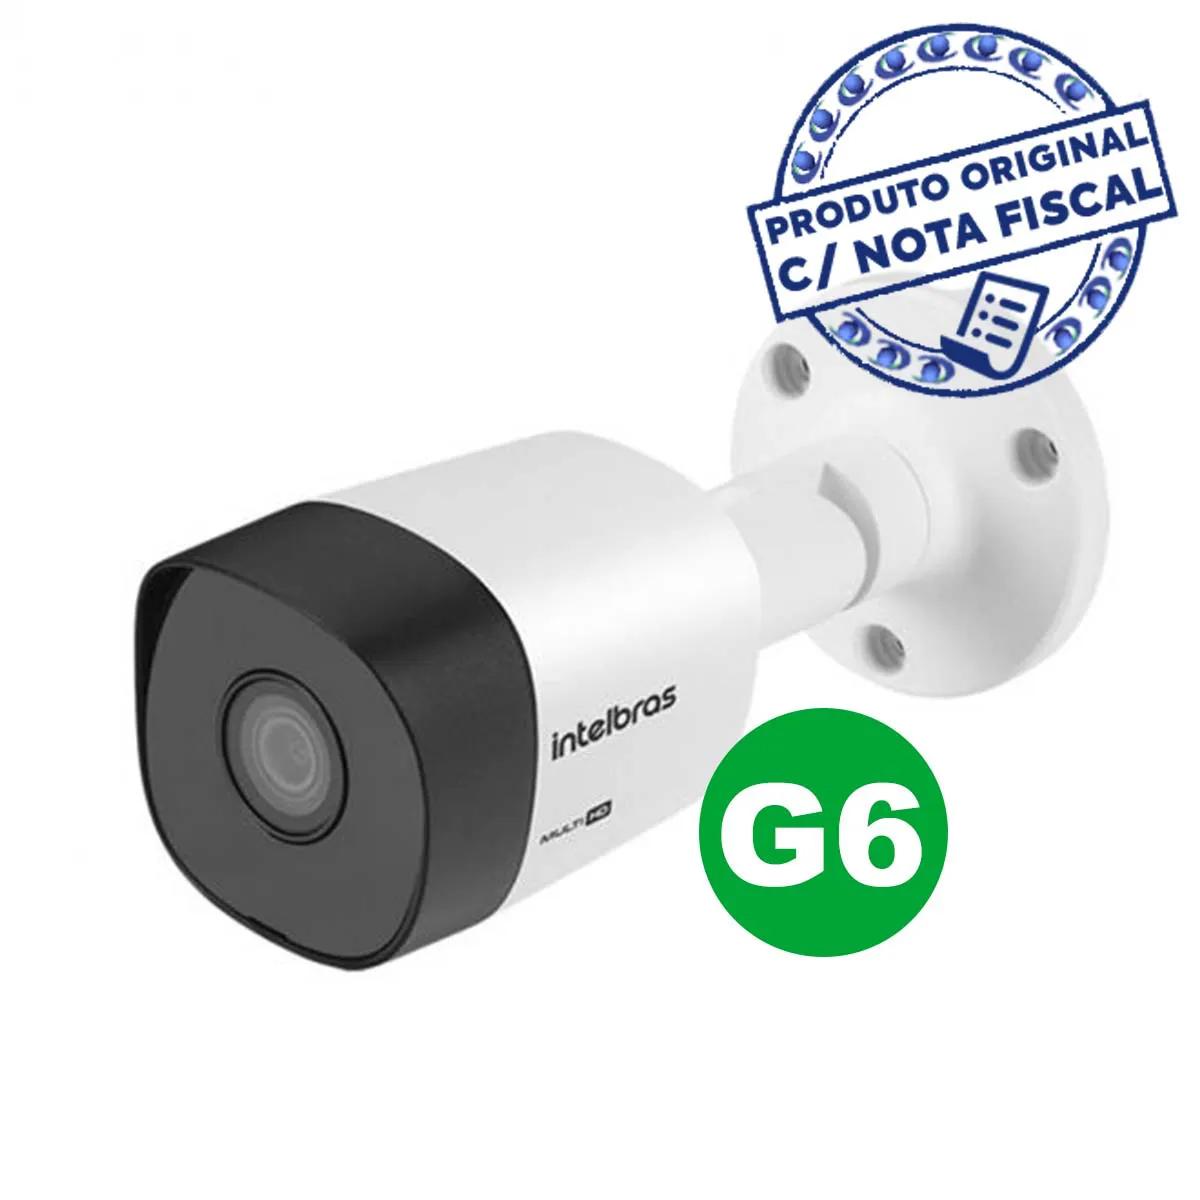 Kit CFTV 02 câmeras Vhd 3120 B  G6 + DVR 1104 C/ HD 1TB Cabo de Brinde